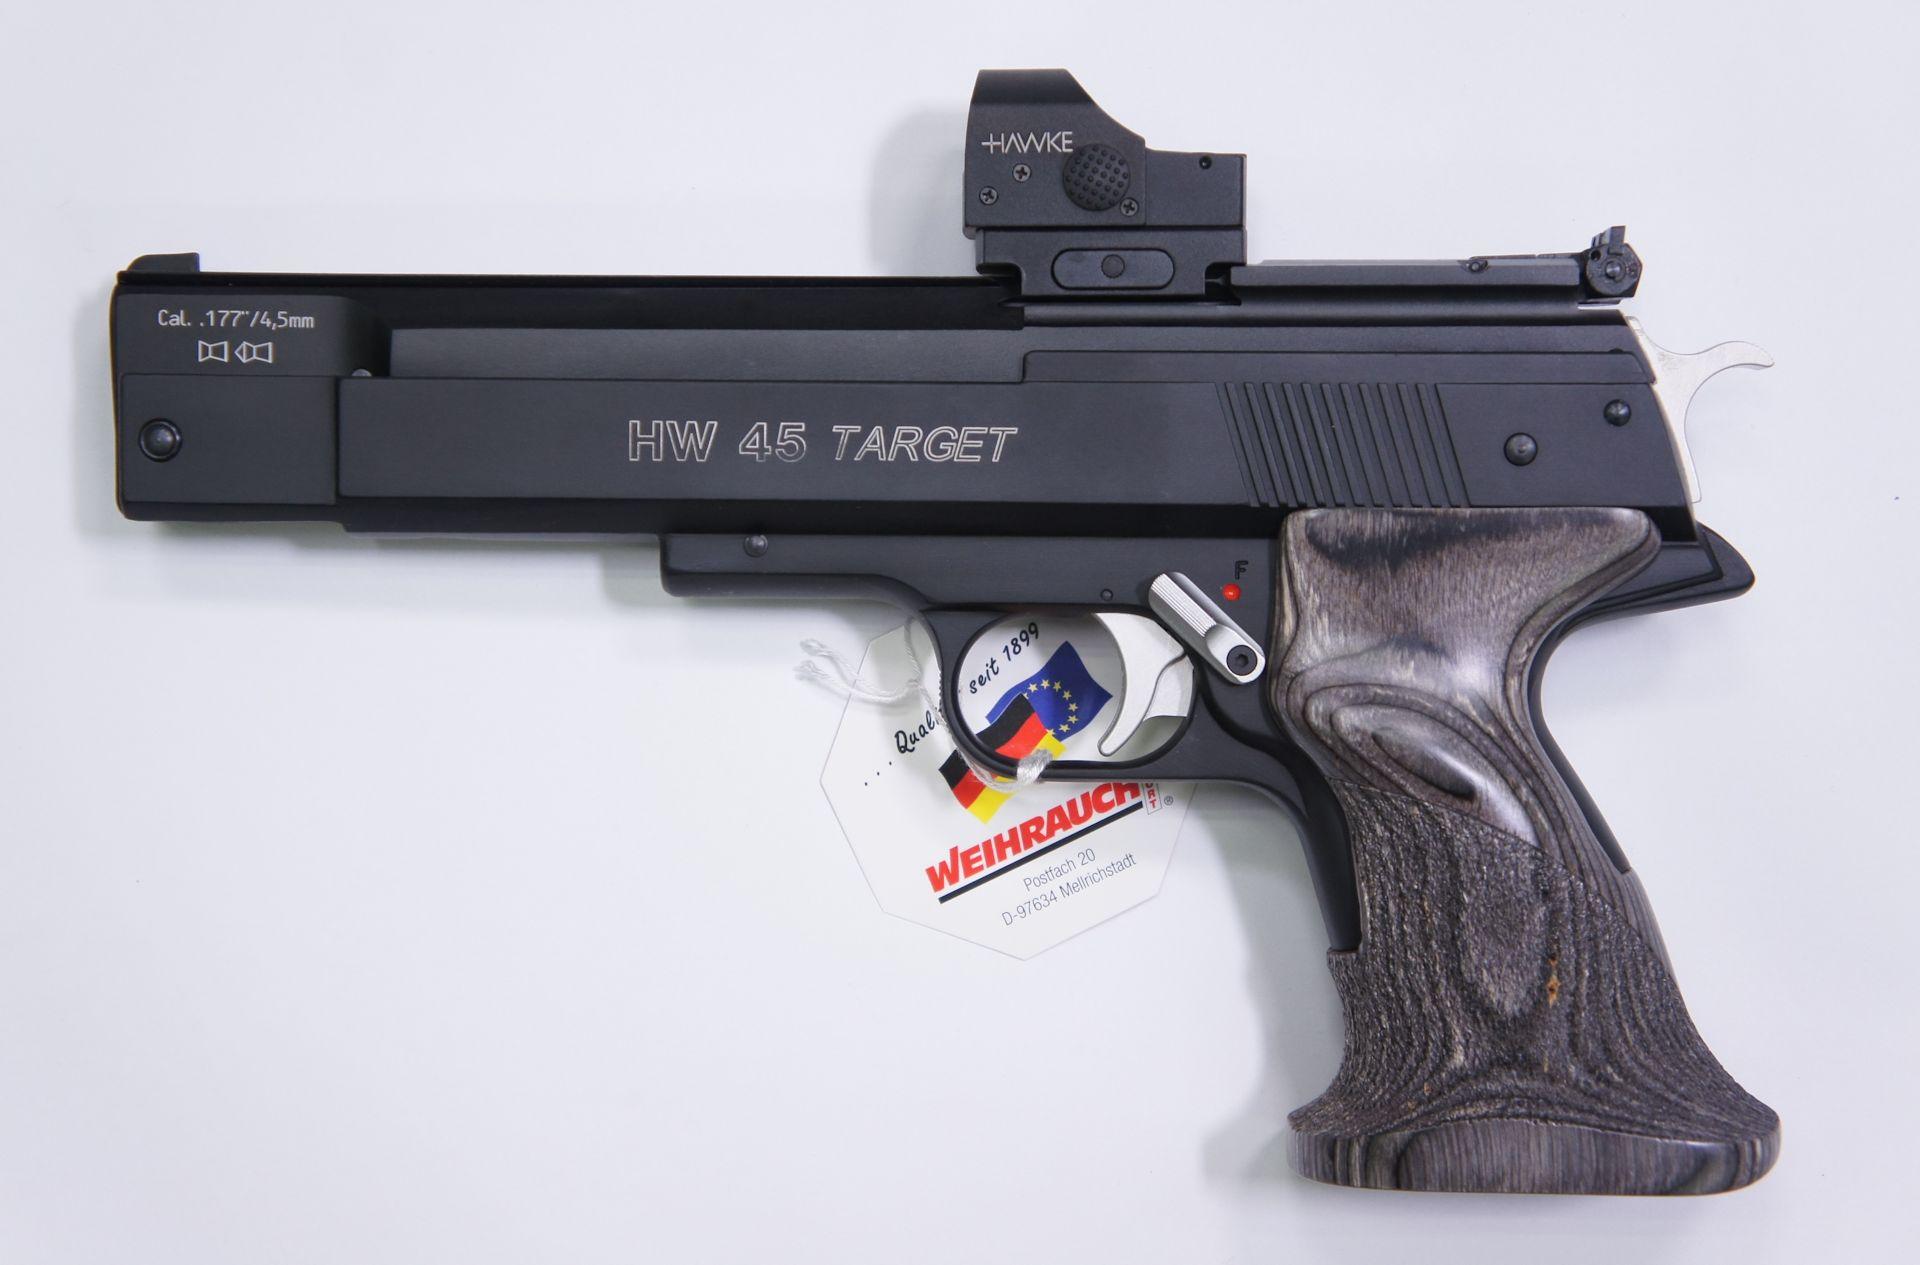 Montagebeispiel: Hawke Reflexvisier  auf HW 45 Target